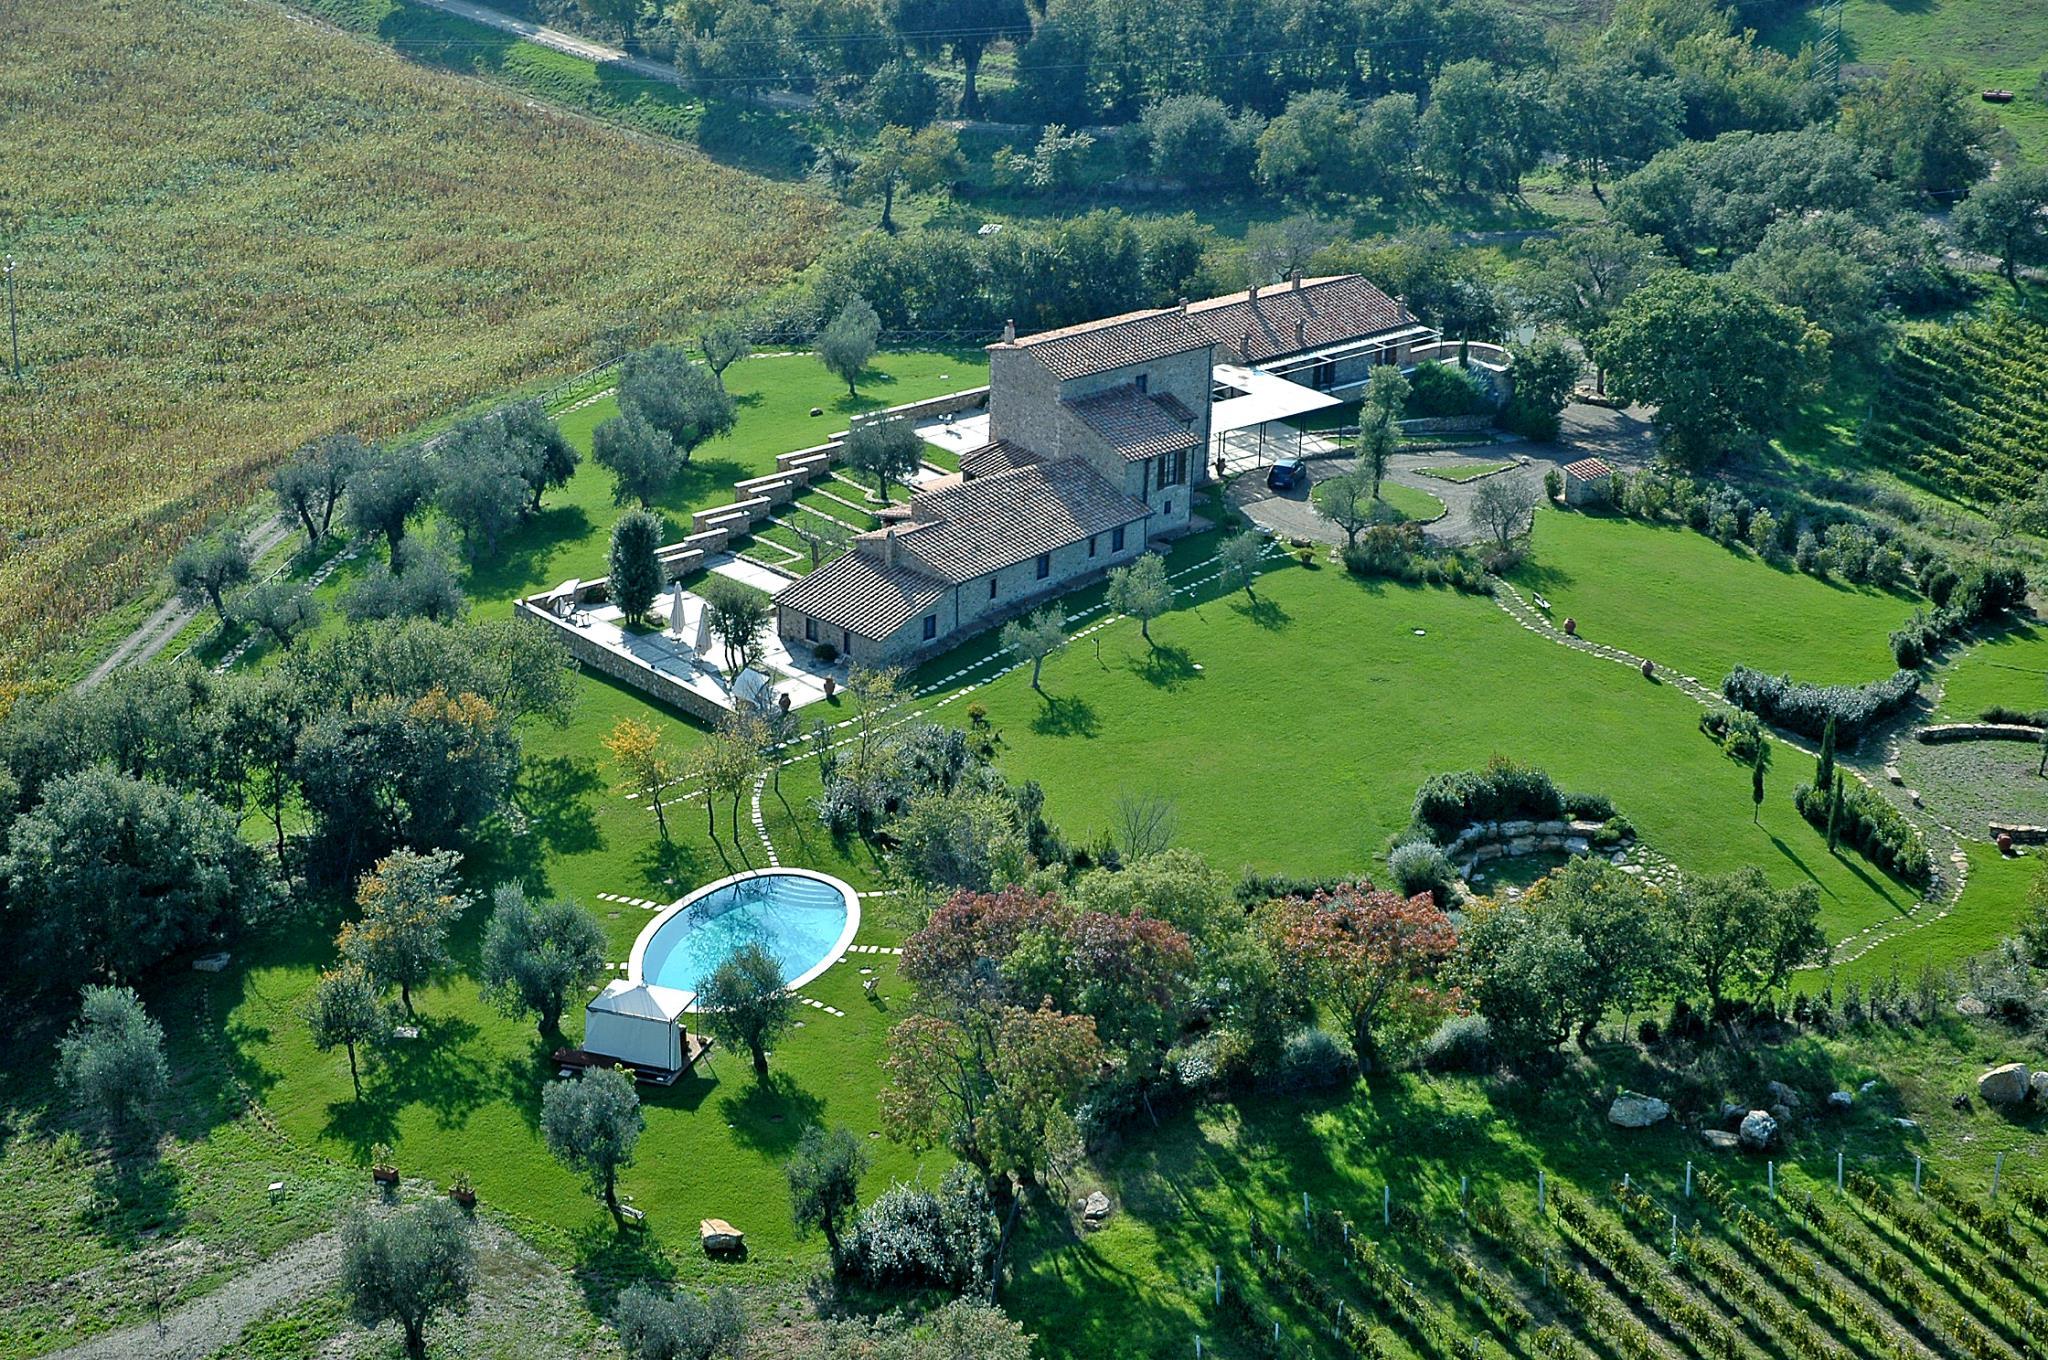 Agriturismo fattoria pianetti a due passi dalle terme di saturnia - Saturnia agriturismo con piscina ...